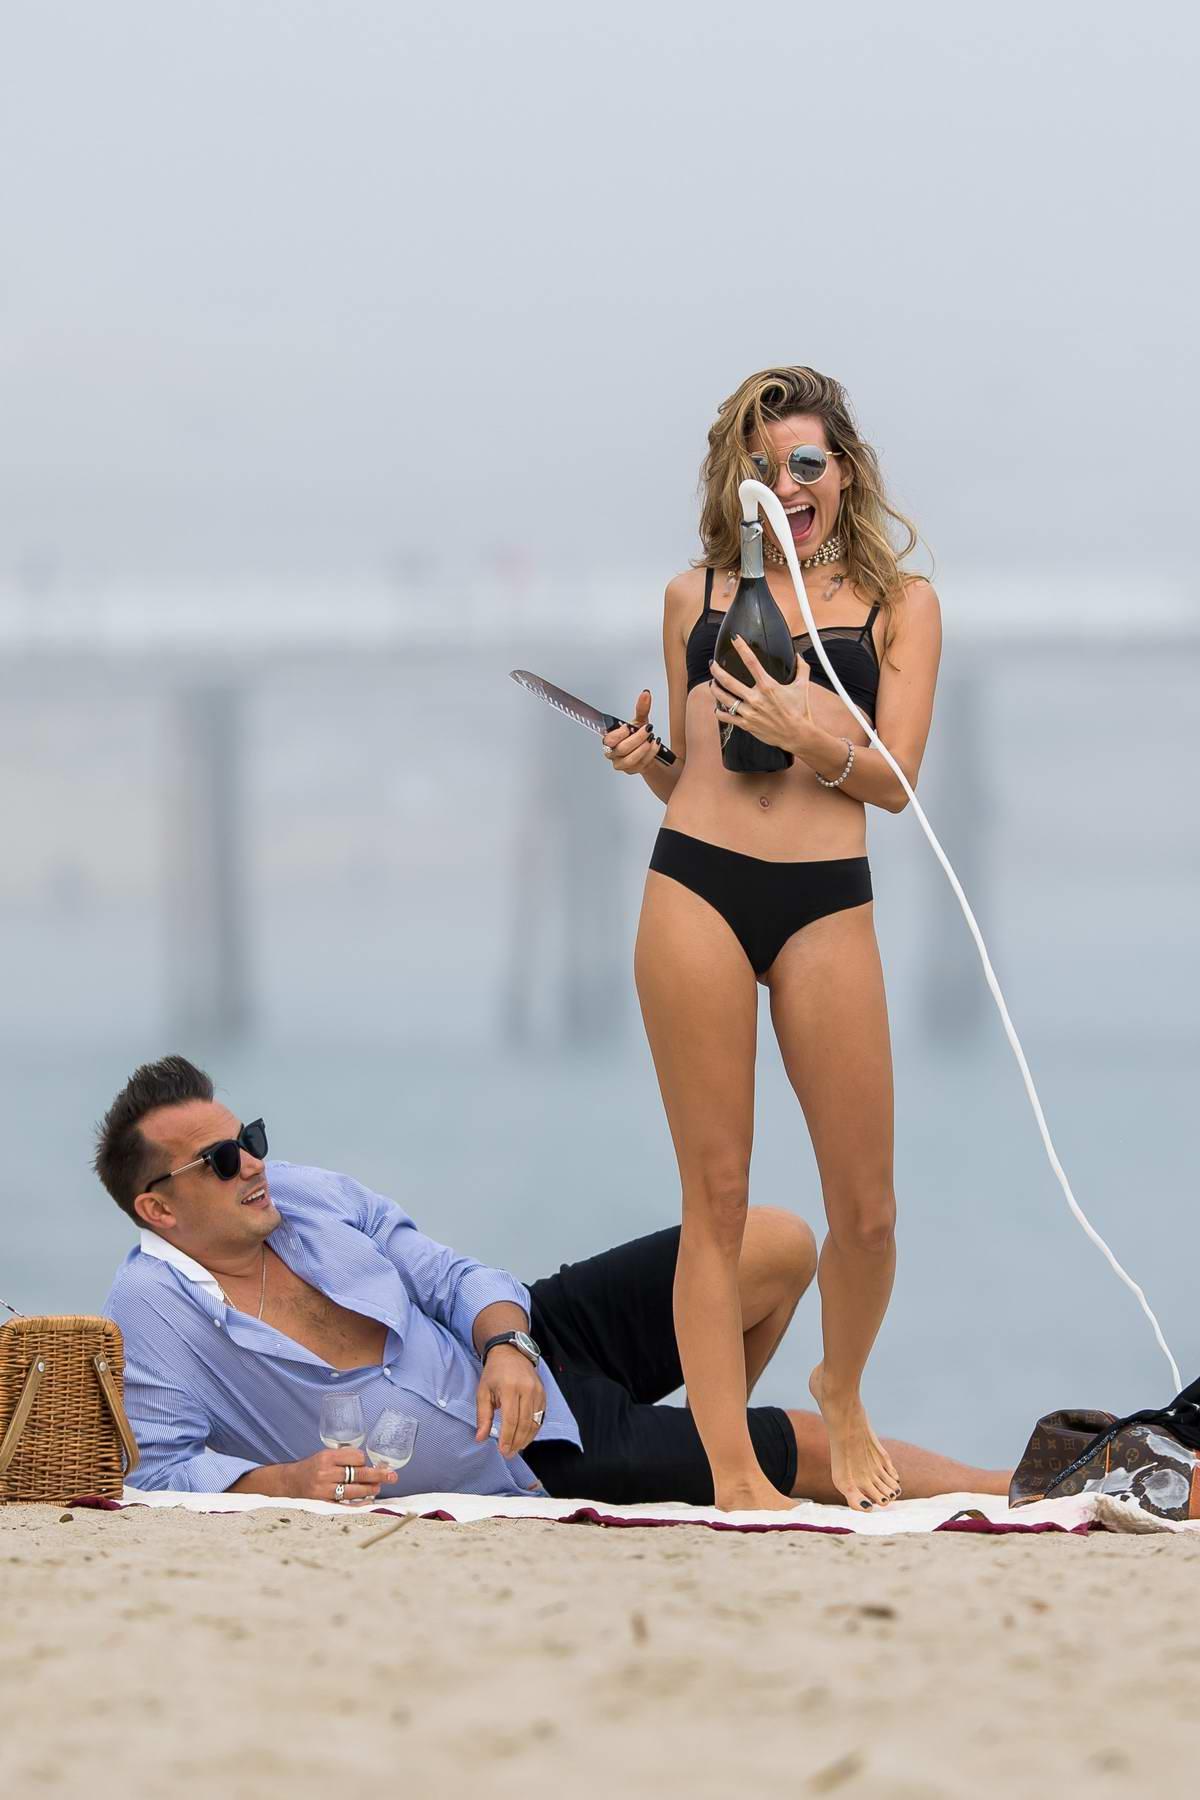 Rachel McCord sizzles in a black bikini as she celebrate New Year's Eve with husband Rick Schirmer on the beach in Malibu, California